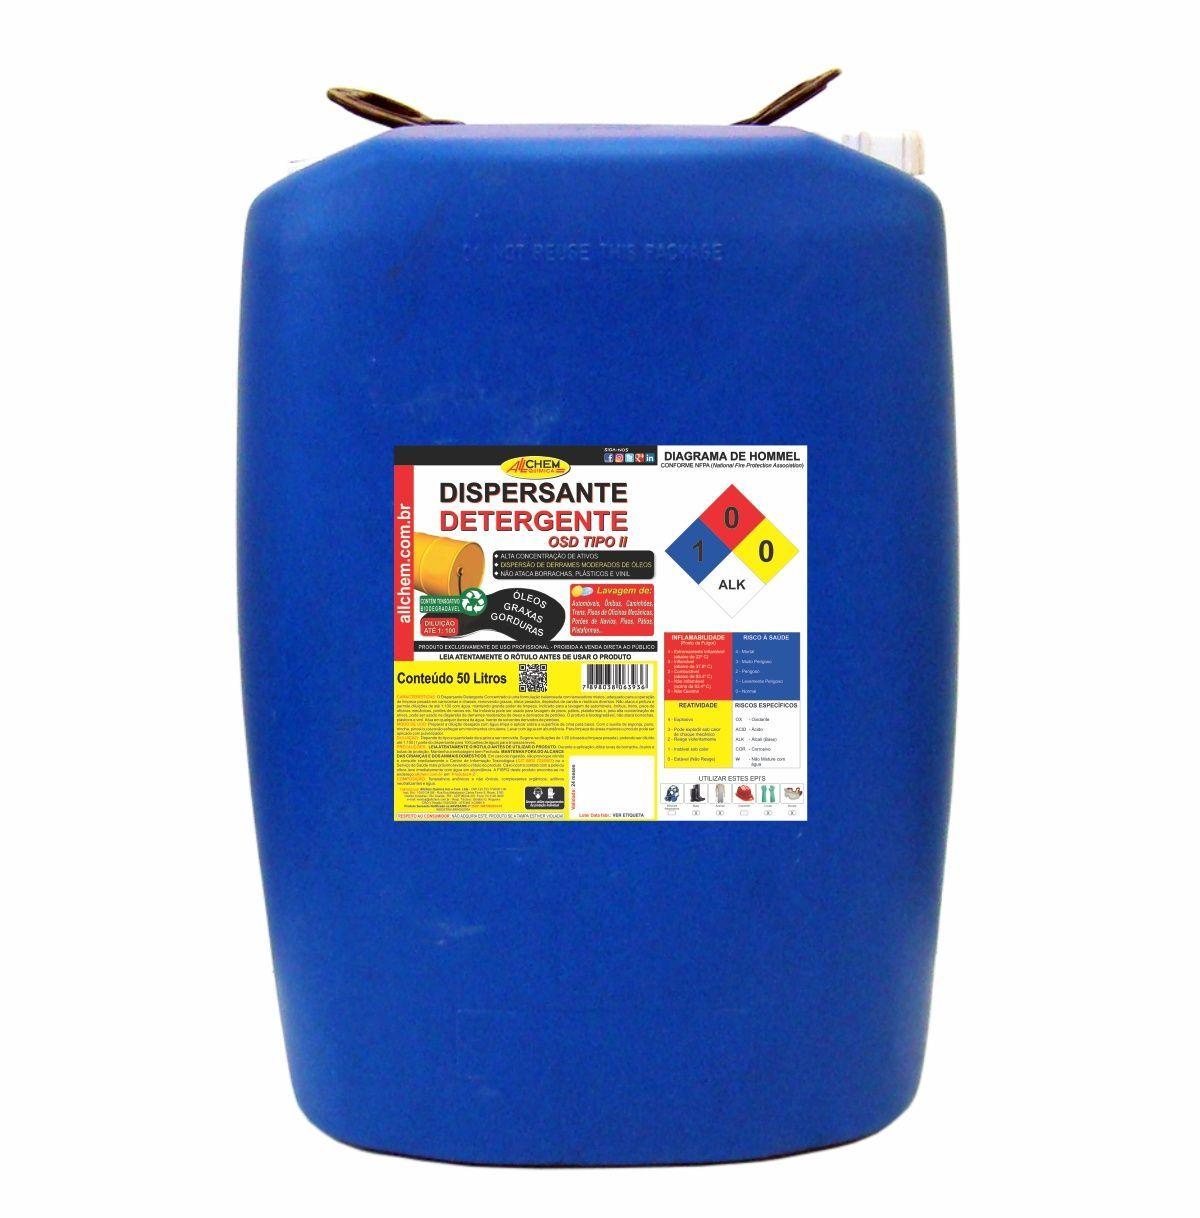 Dispersante e Detergente 50 Litros